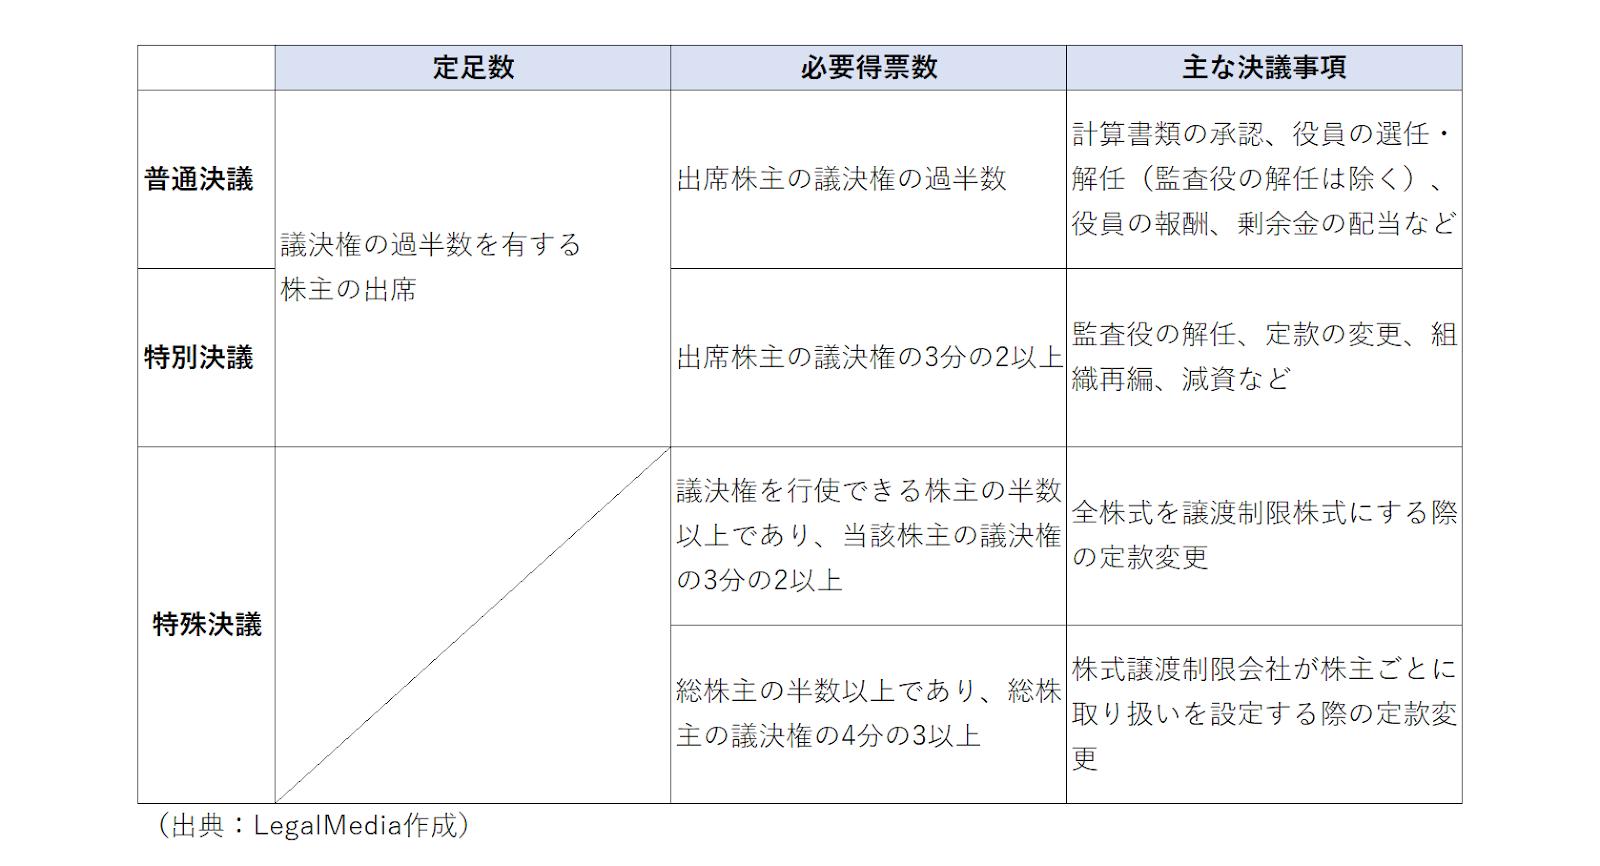 株主総会決議の定足数、必要得票数、決議事項の説明